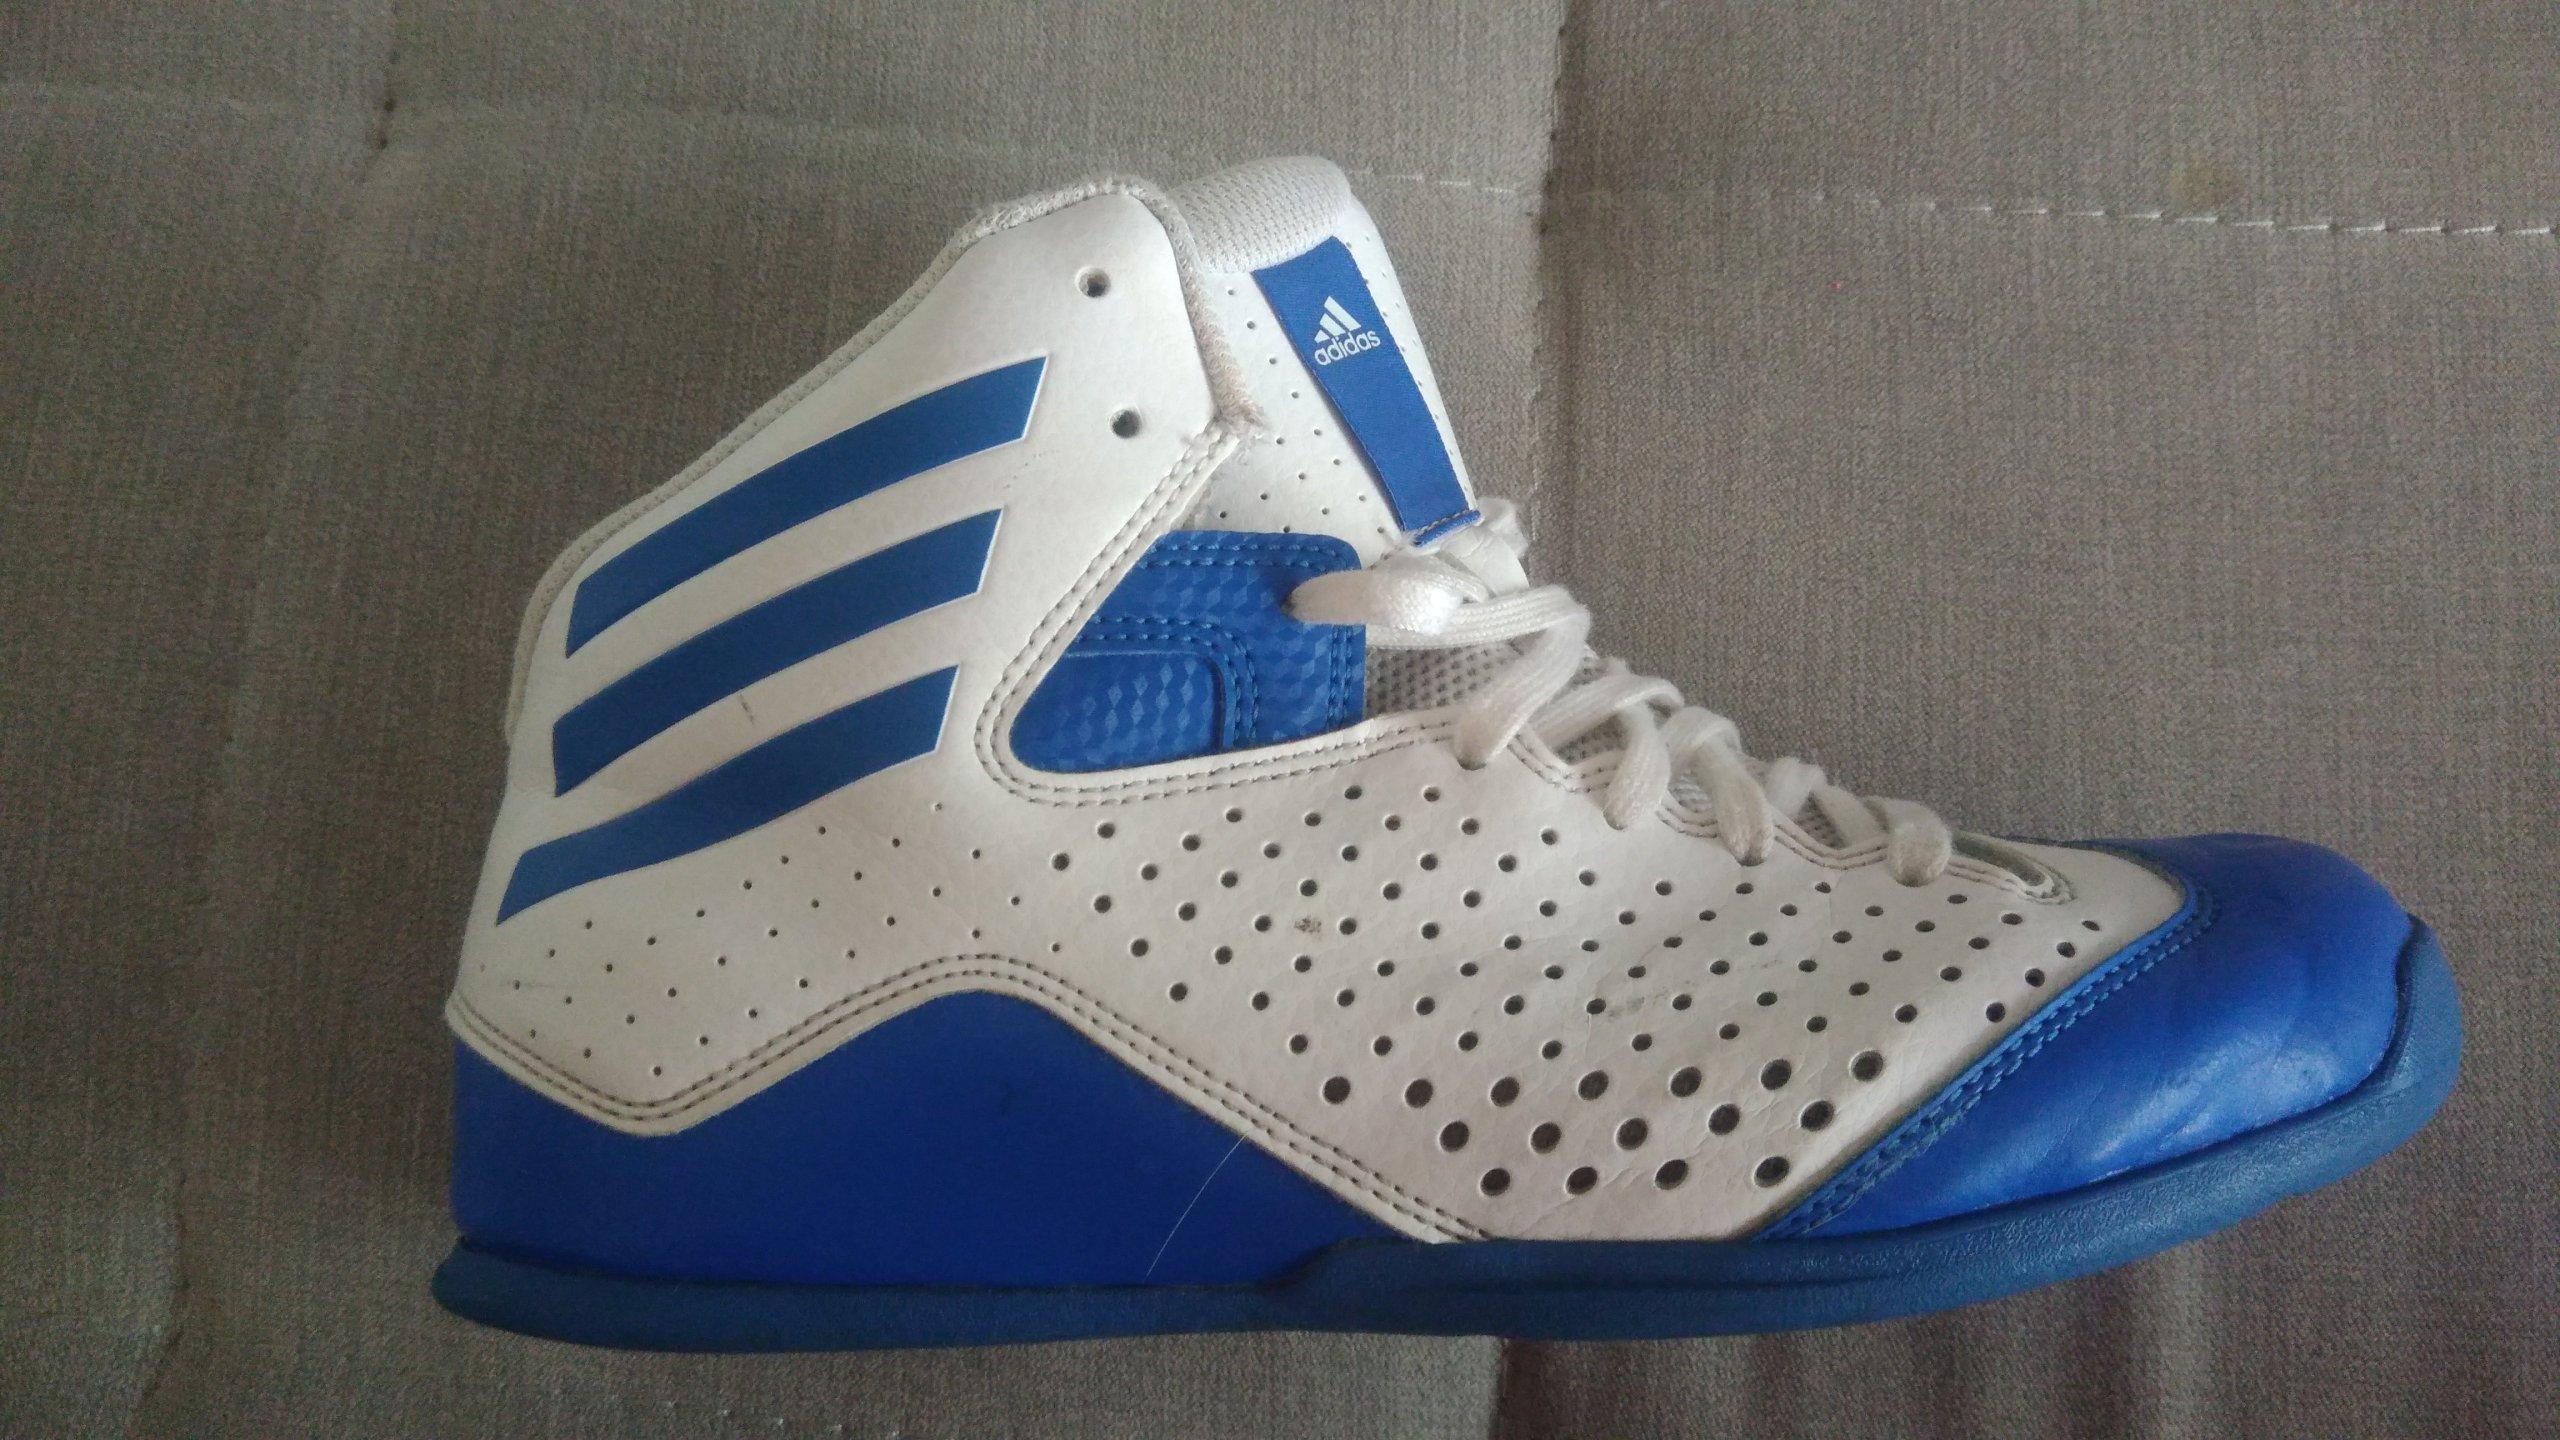 70abce2791ac2 Buty koszykarskie Adidas Next Level Speed 4 Jr B42 - 7325985163 ...